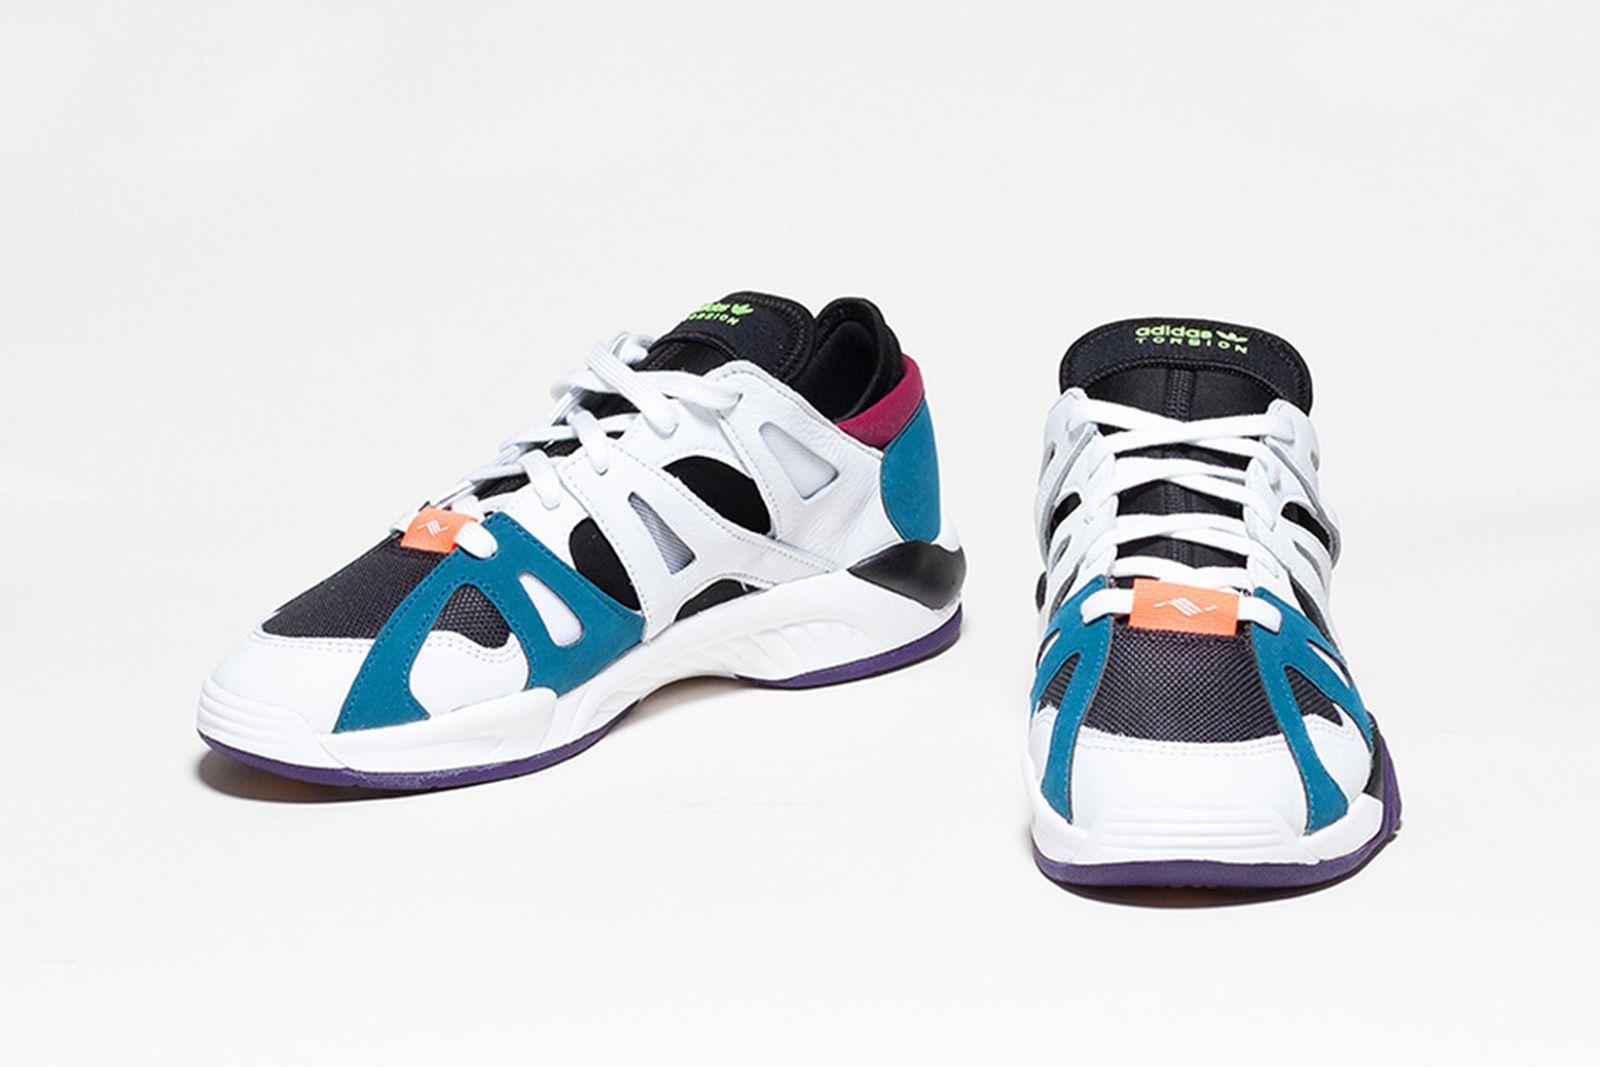 adidas torsion dimension lo release date price